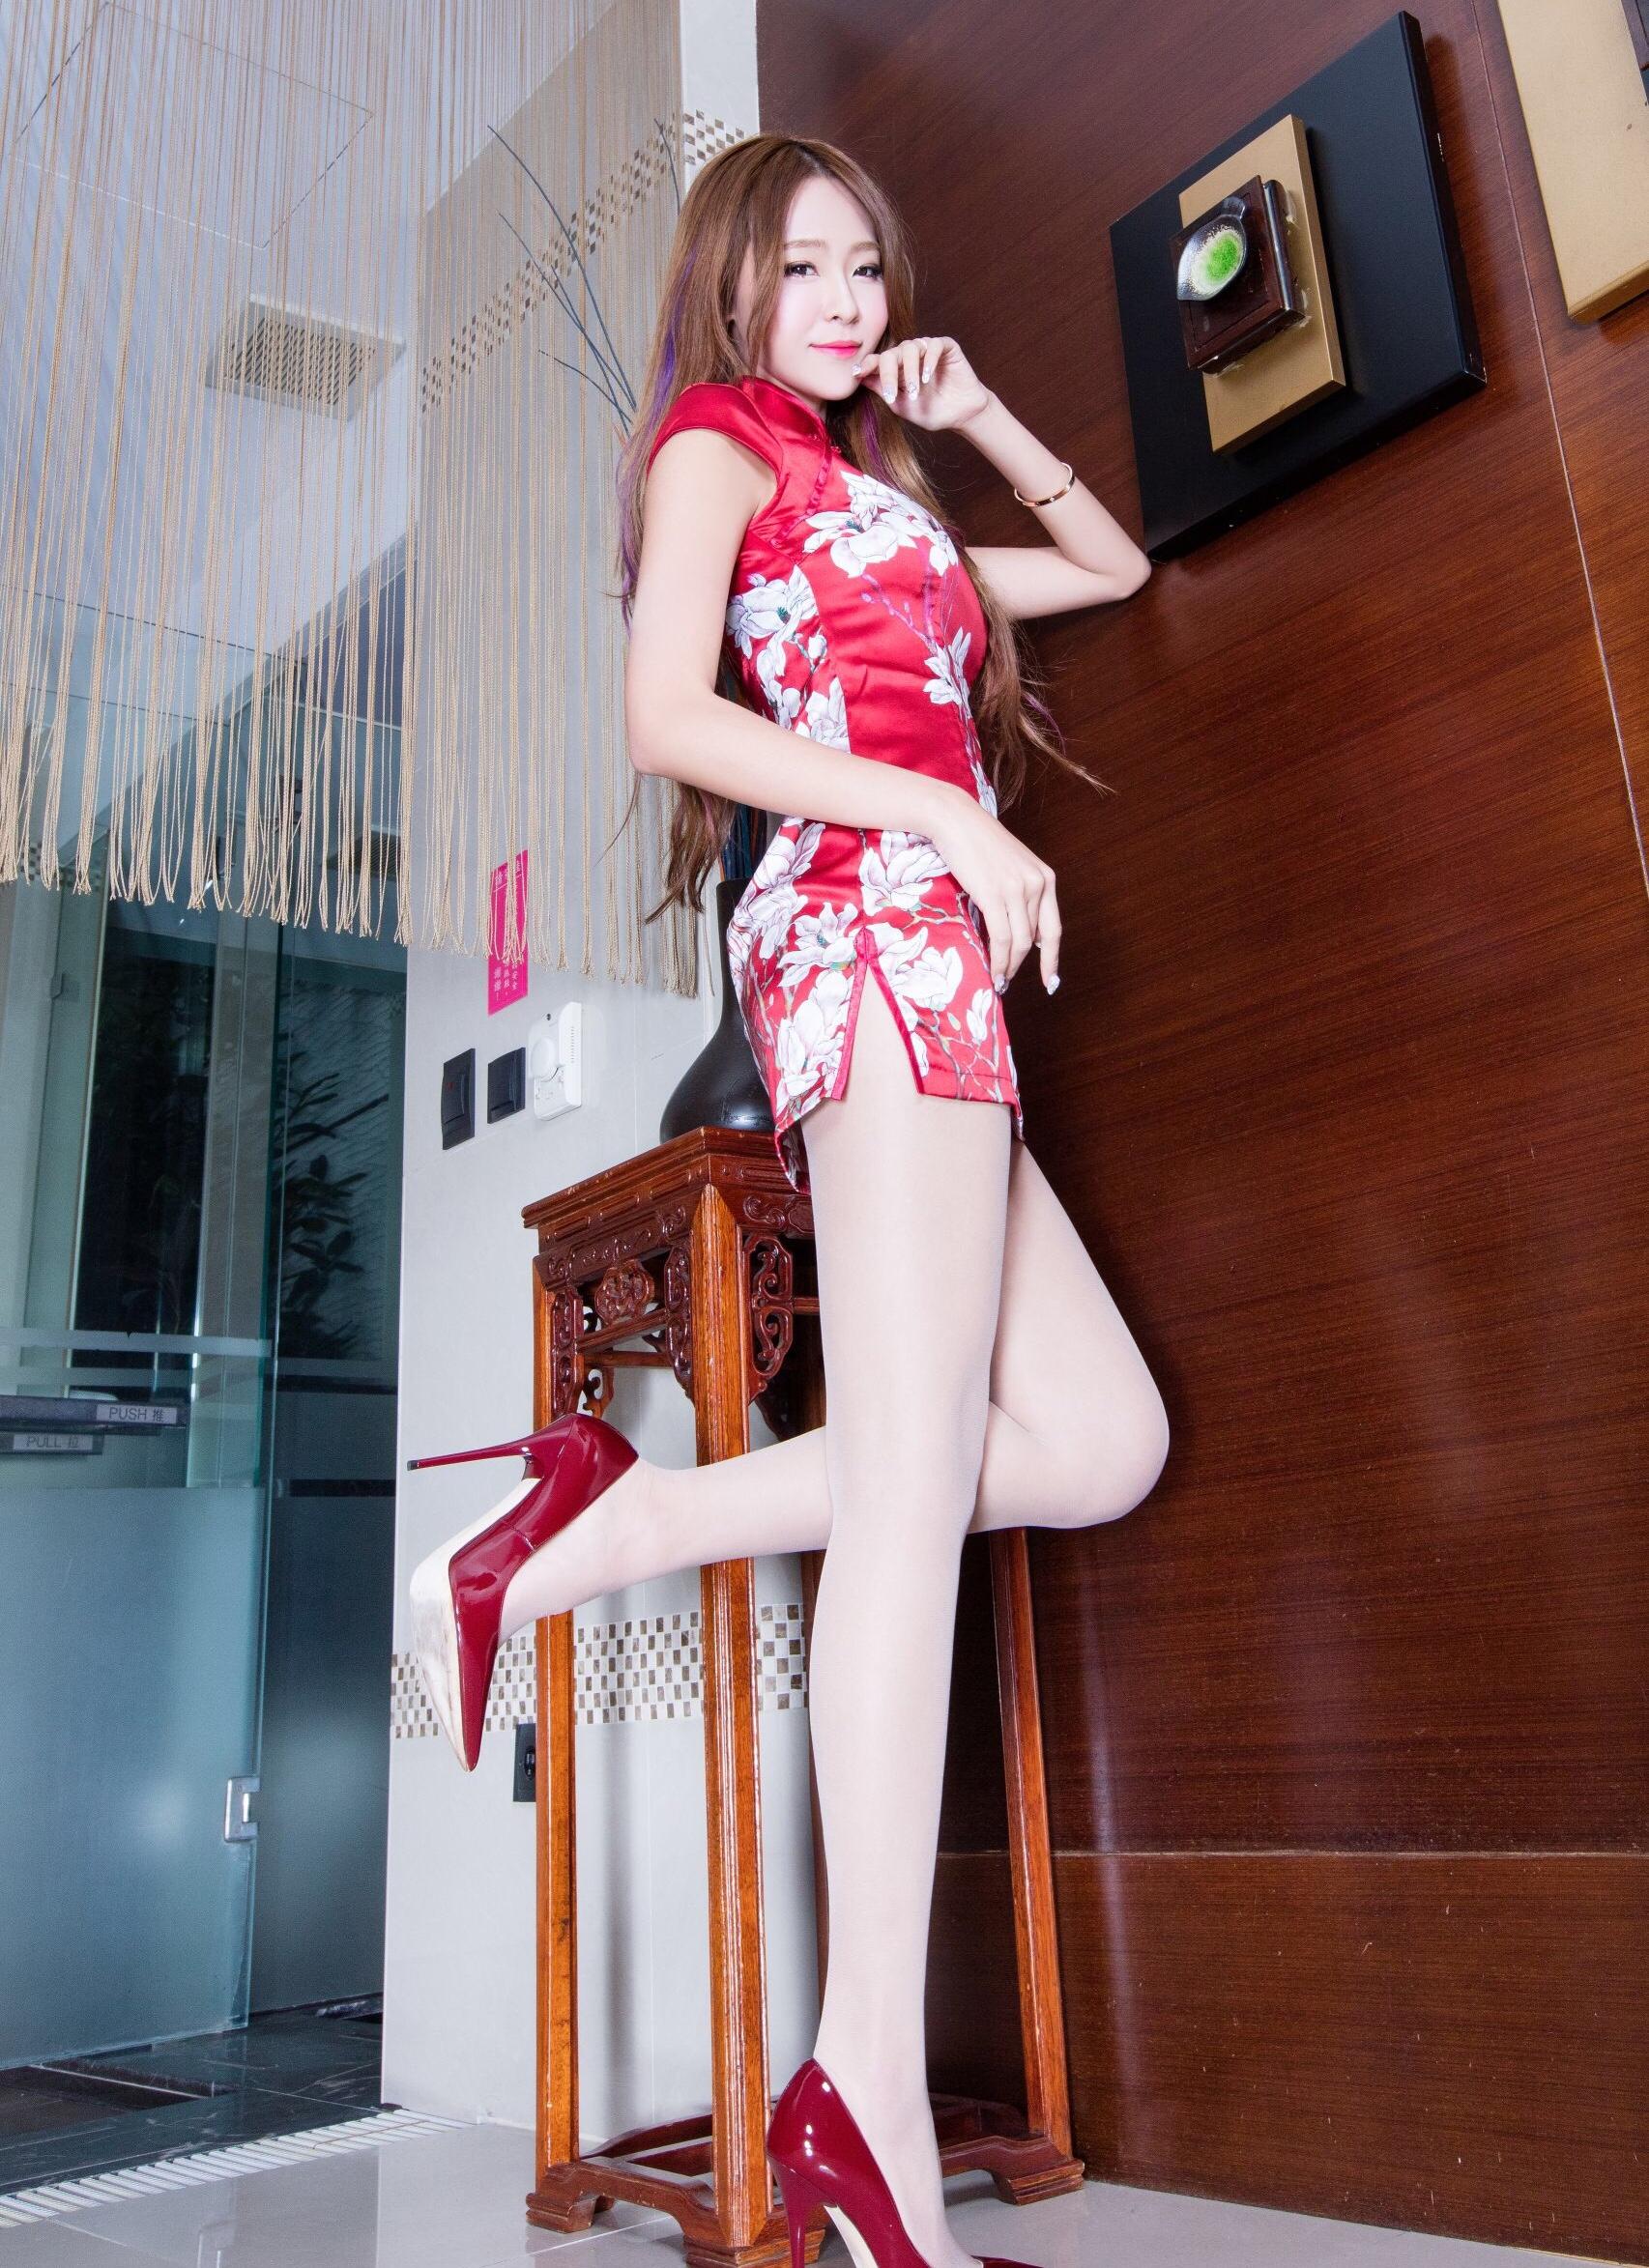 赤チャイナドレスを着たBEAUTYLEG Winnieの美脚 5